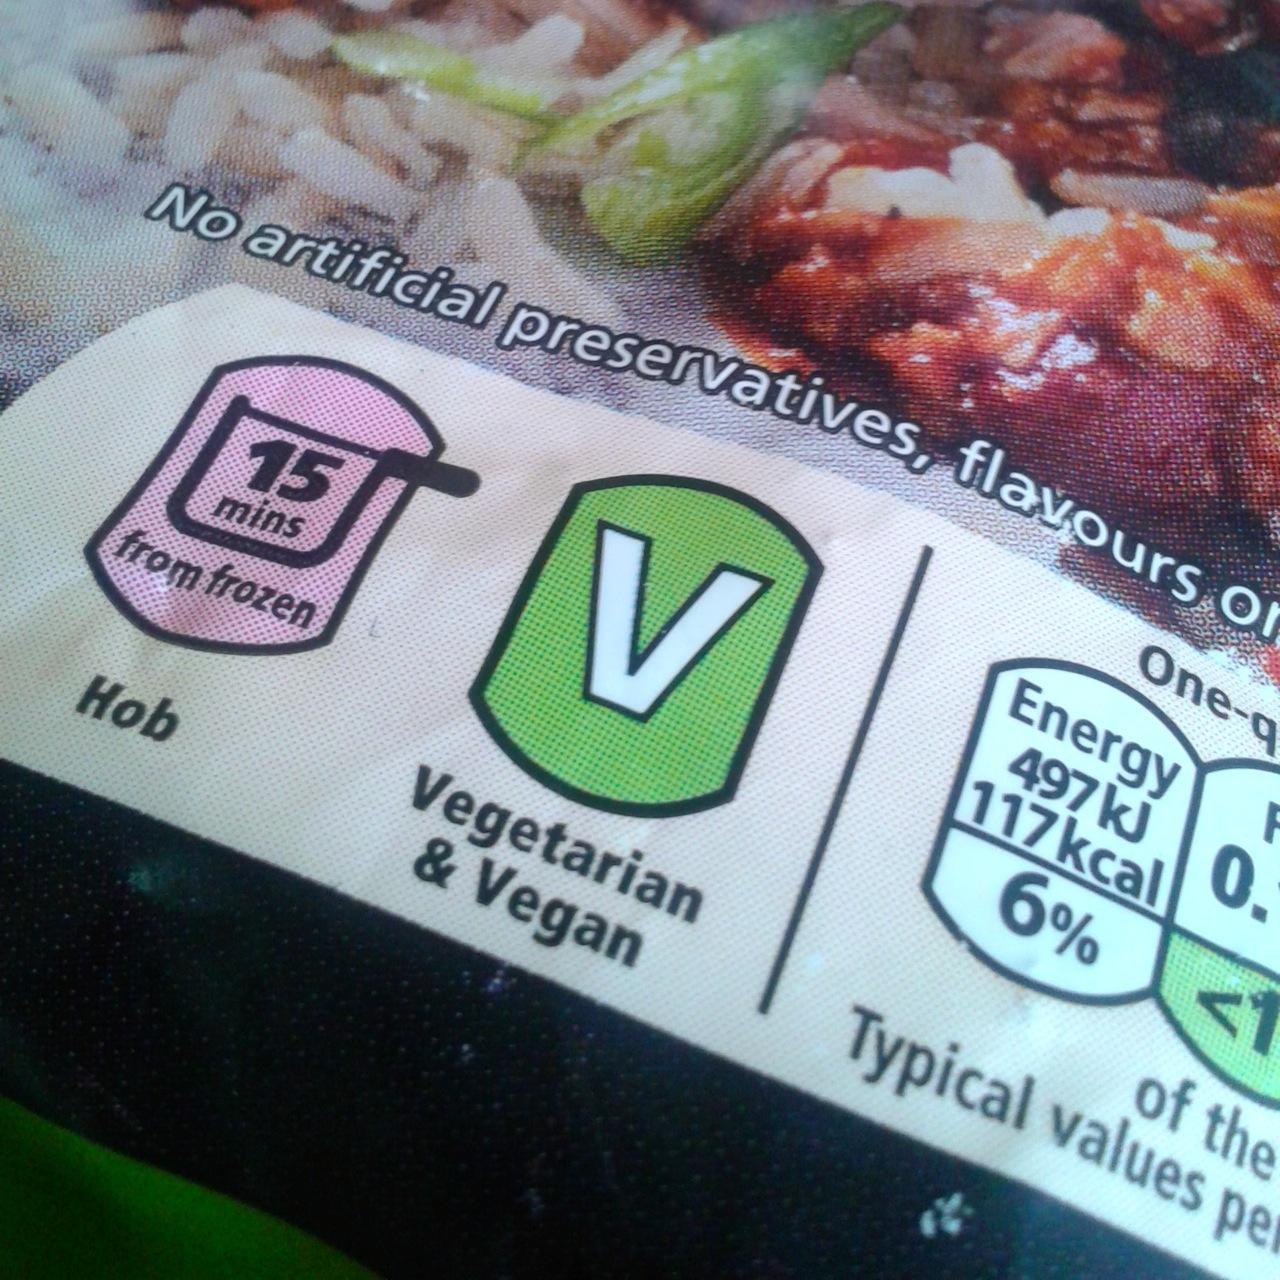 http://i1.wp.com/fatgayvegan.com/wp-content/uploads/2014/08/vegan.jpg?fit=1280%2C1280